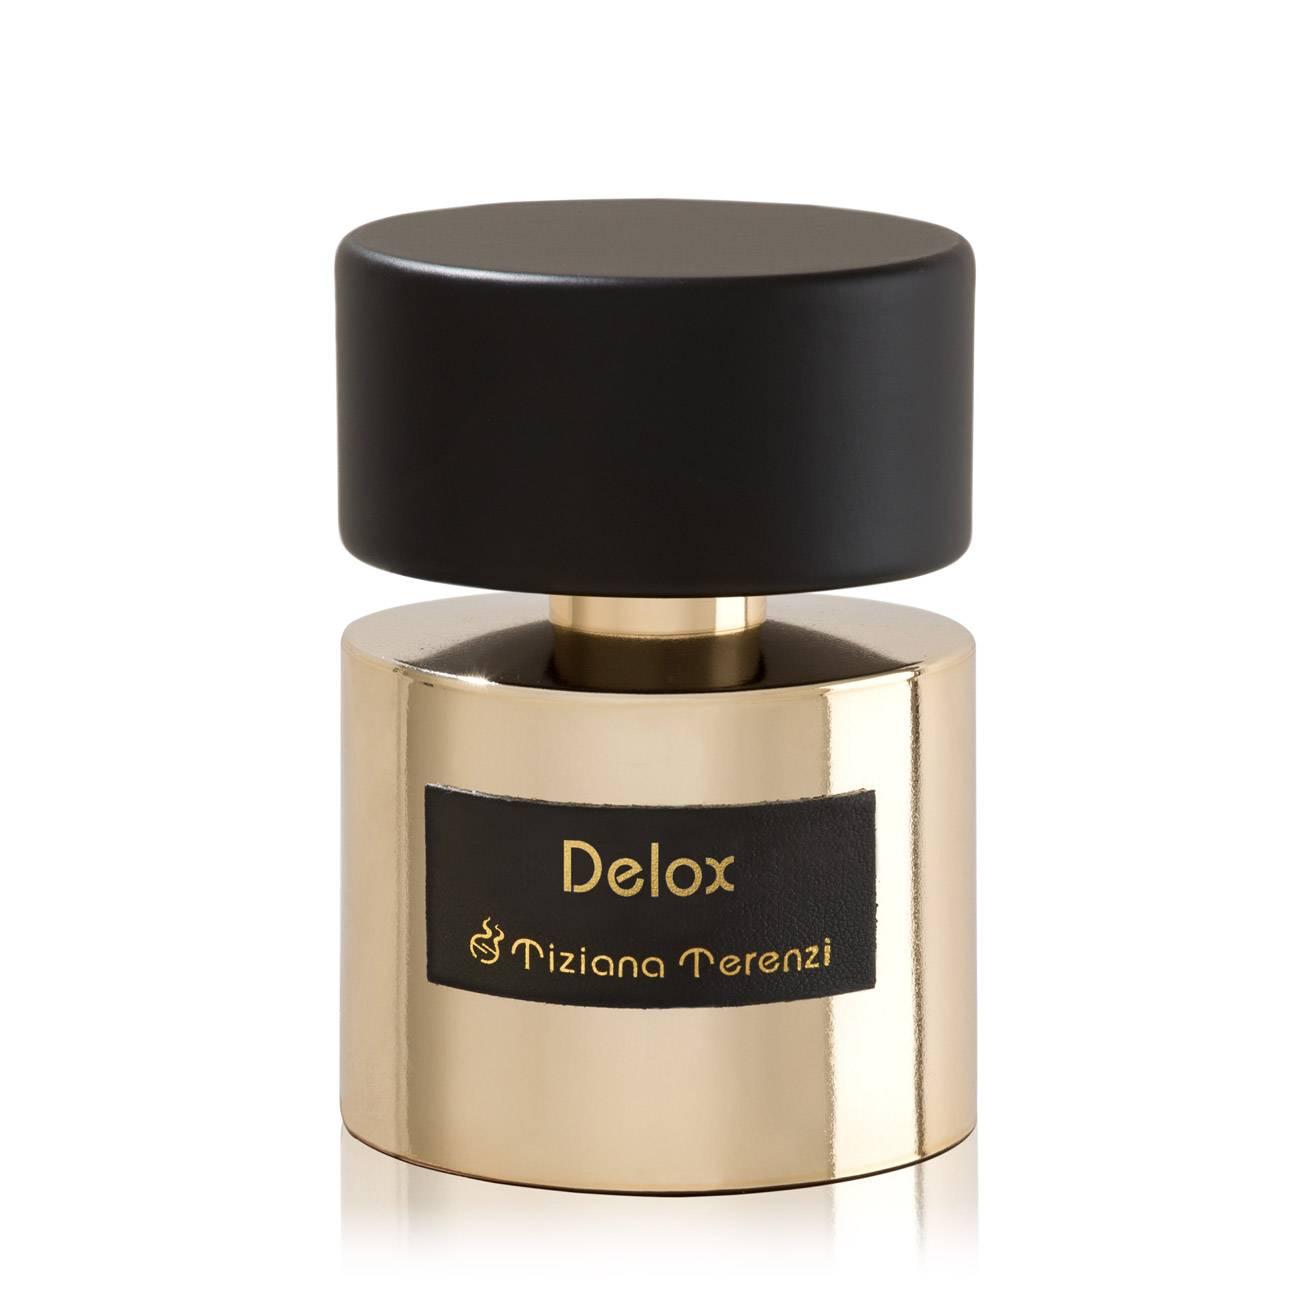 Delox 100ml imagine